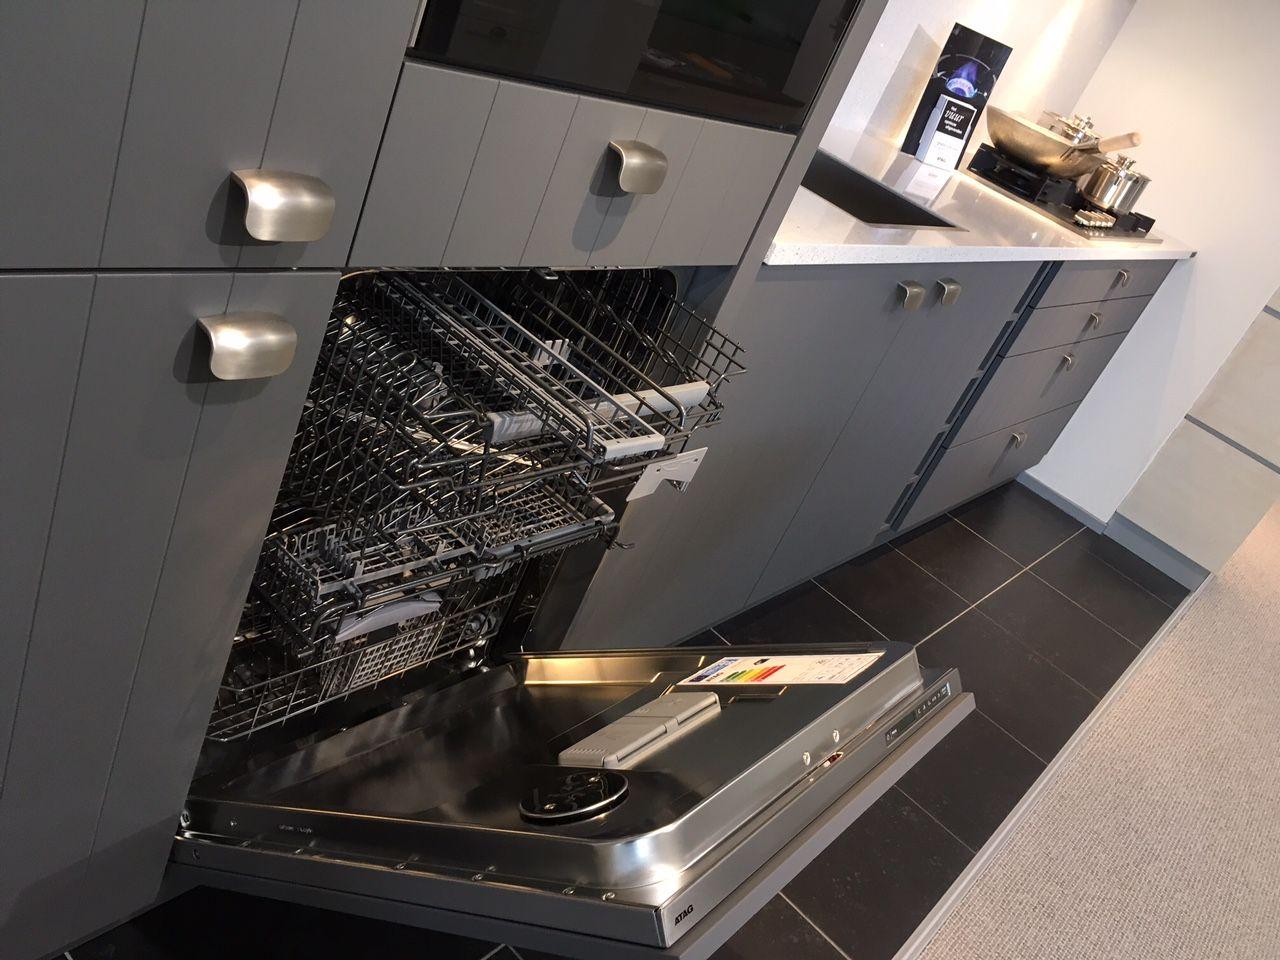 Showroomkeukens alle showroomkeuken aanbiedingen uit nederland keukens voor zeer lage keuken - Werkblad silestone ...